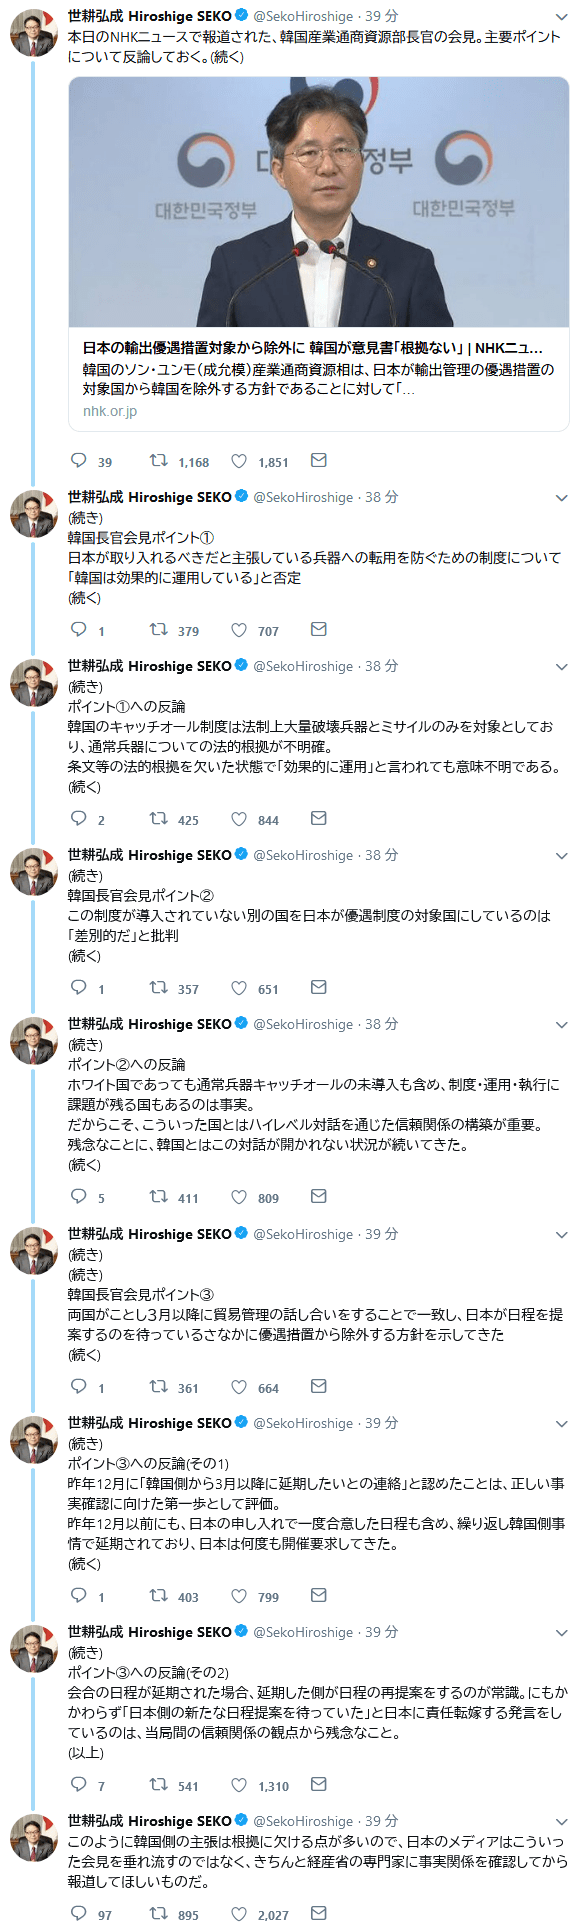 7月24日、世耕経産大臣がツイッターで反論!「責任転嫁するような発言で信頼関係の観点から残念」「日本のメディアは、韓国の根拠のない主張や会見を垂れ流すな」